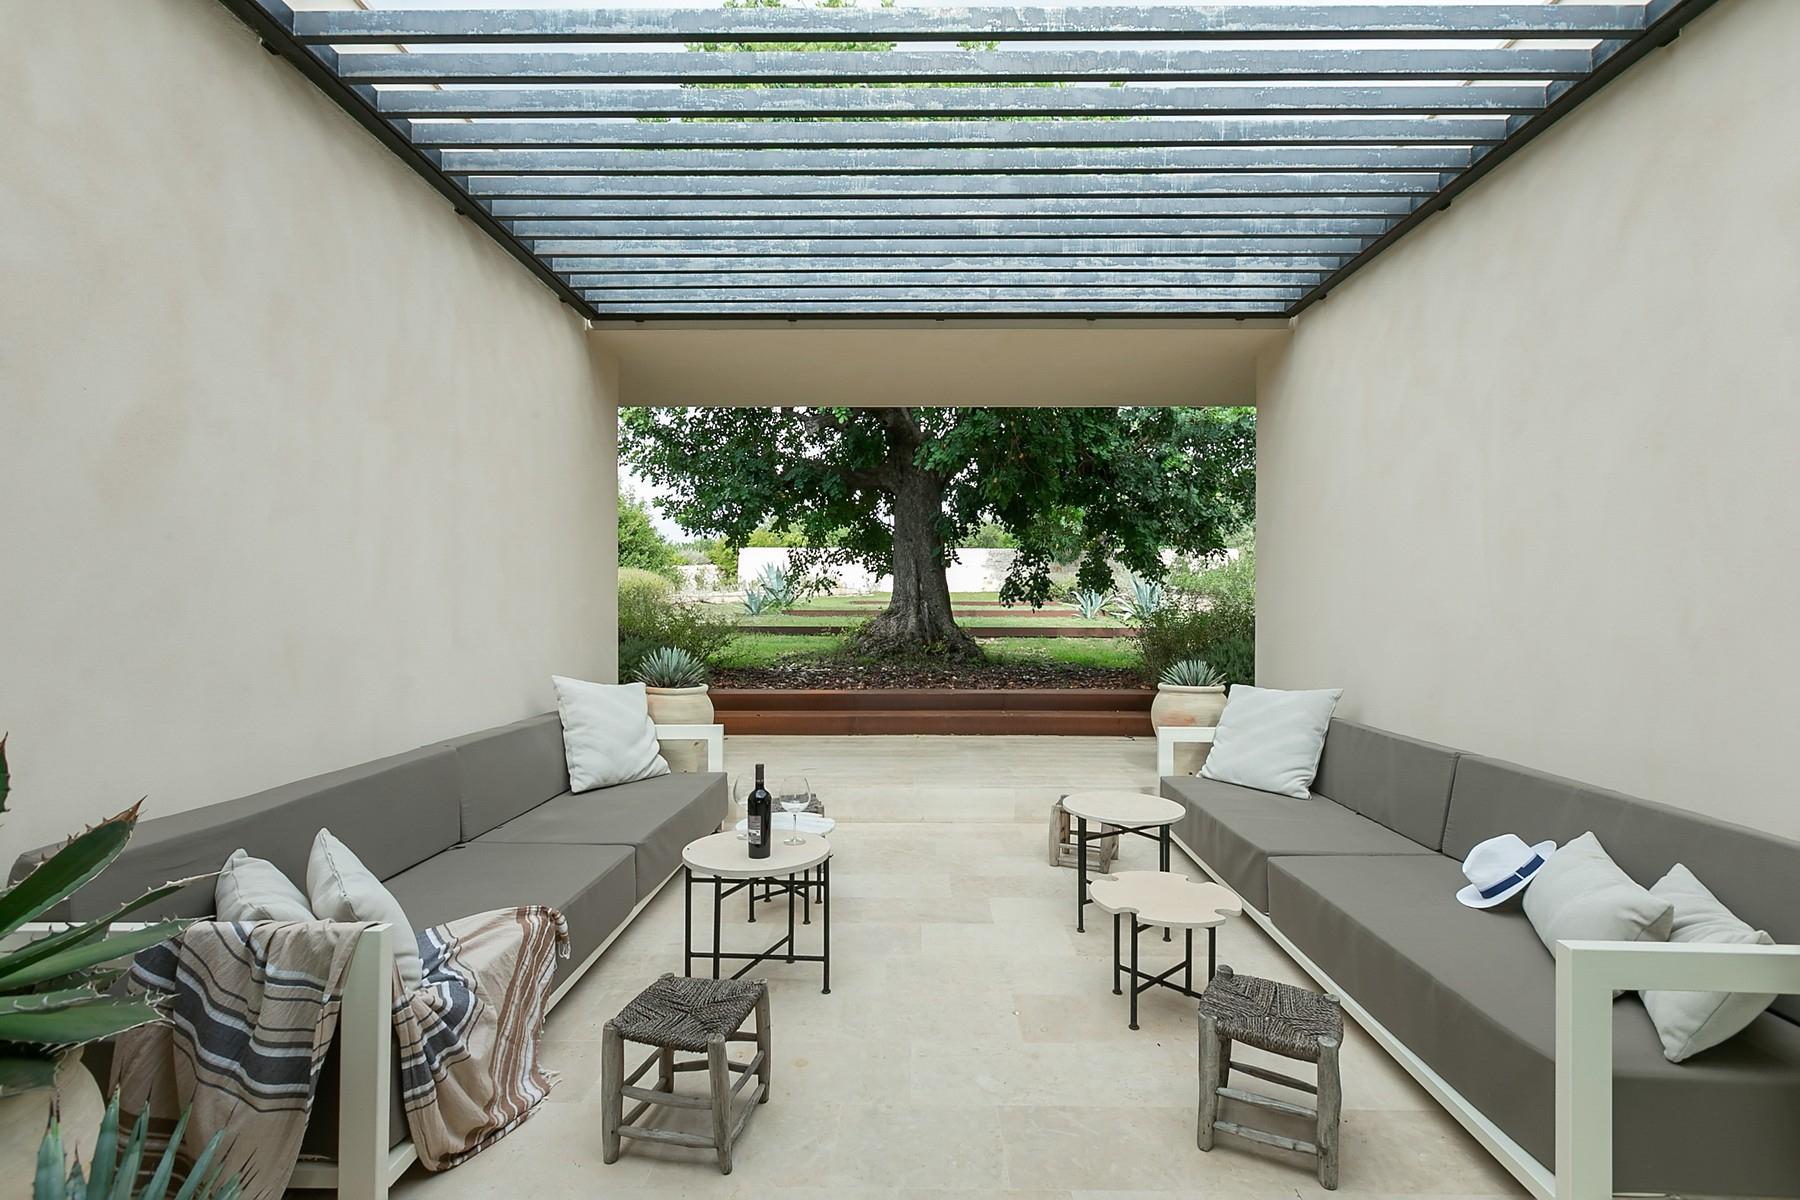 拥有游泳池和附属建筑当代设计的别墅 - 22